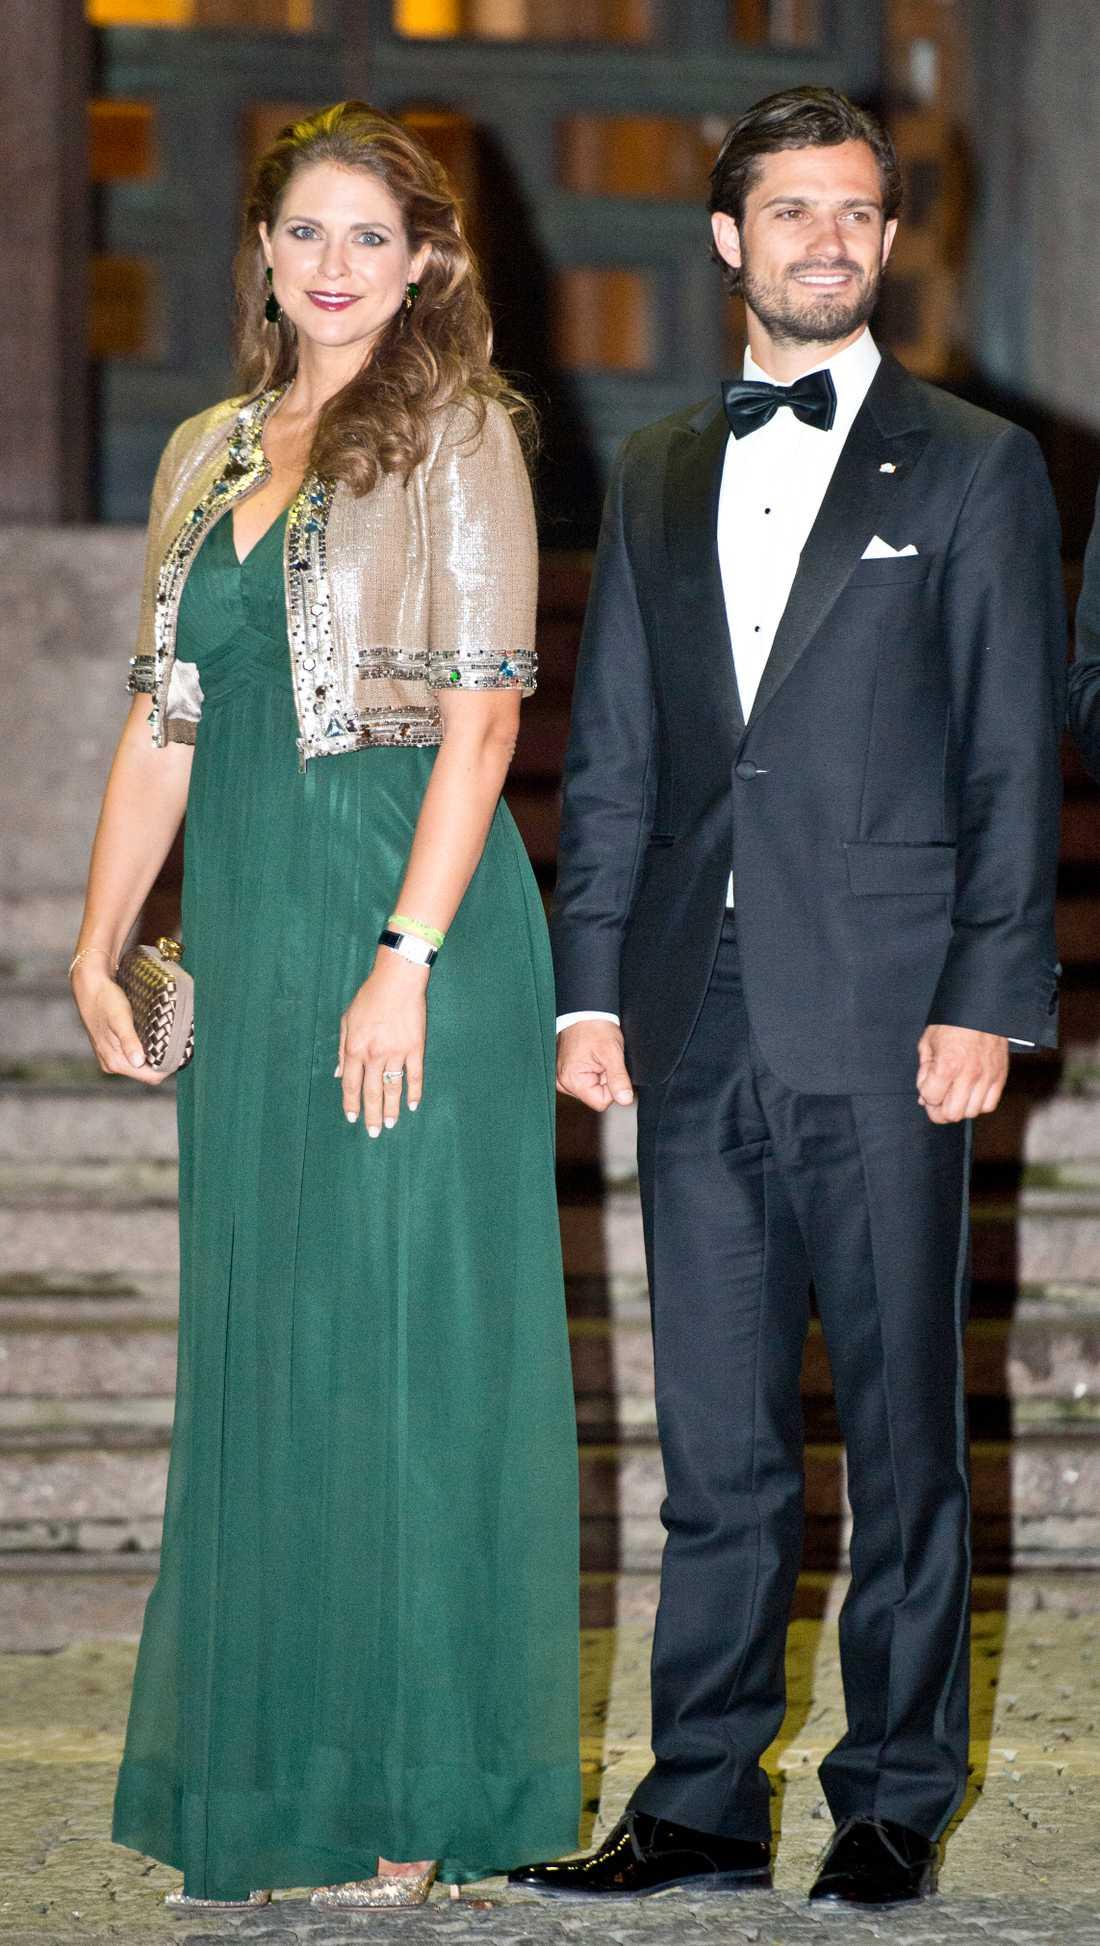 Kungen 40 år på tronen Prinsessan Madeleine och prins Carl Philip är på väg in i Konserthuset i Stockholm för riksdagens jubileumskonsert som hölls den 14 september för att fira Kungens 40 år på tronen.